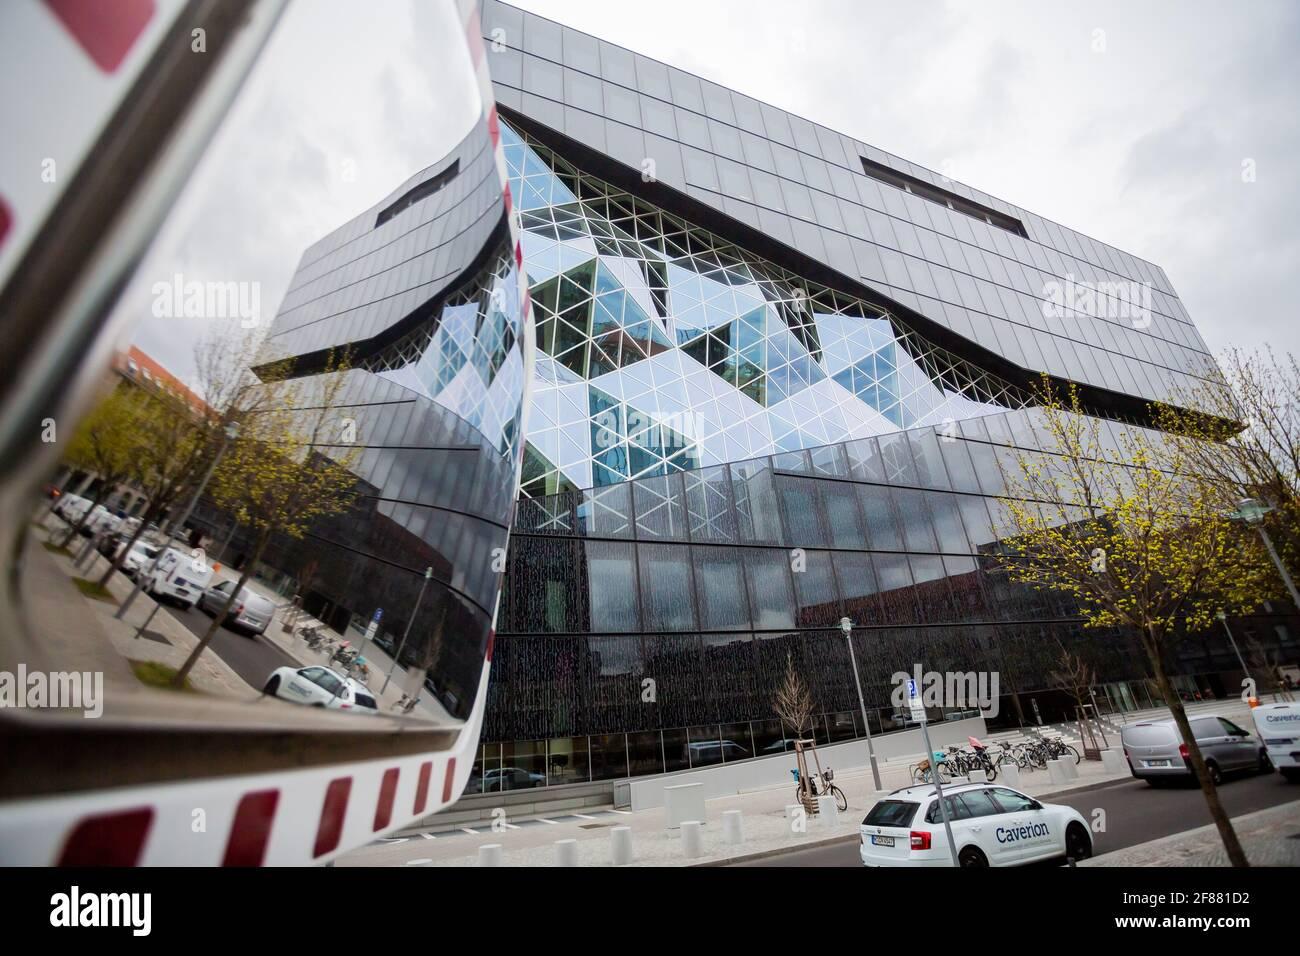 Berlin, Deutschland. April 2021. Das neue Axel Springer-Gebäude spiegelt sich in einem Straßenspiegel wider. Quelle: Christoph Soeder/dpa/Alamy Live News Stockfoto